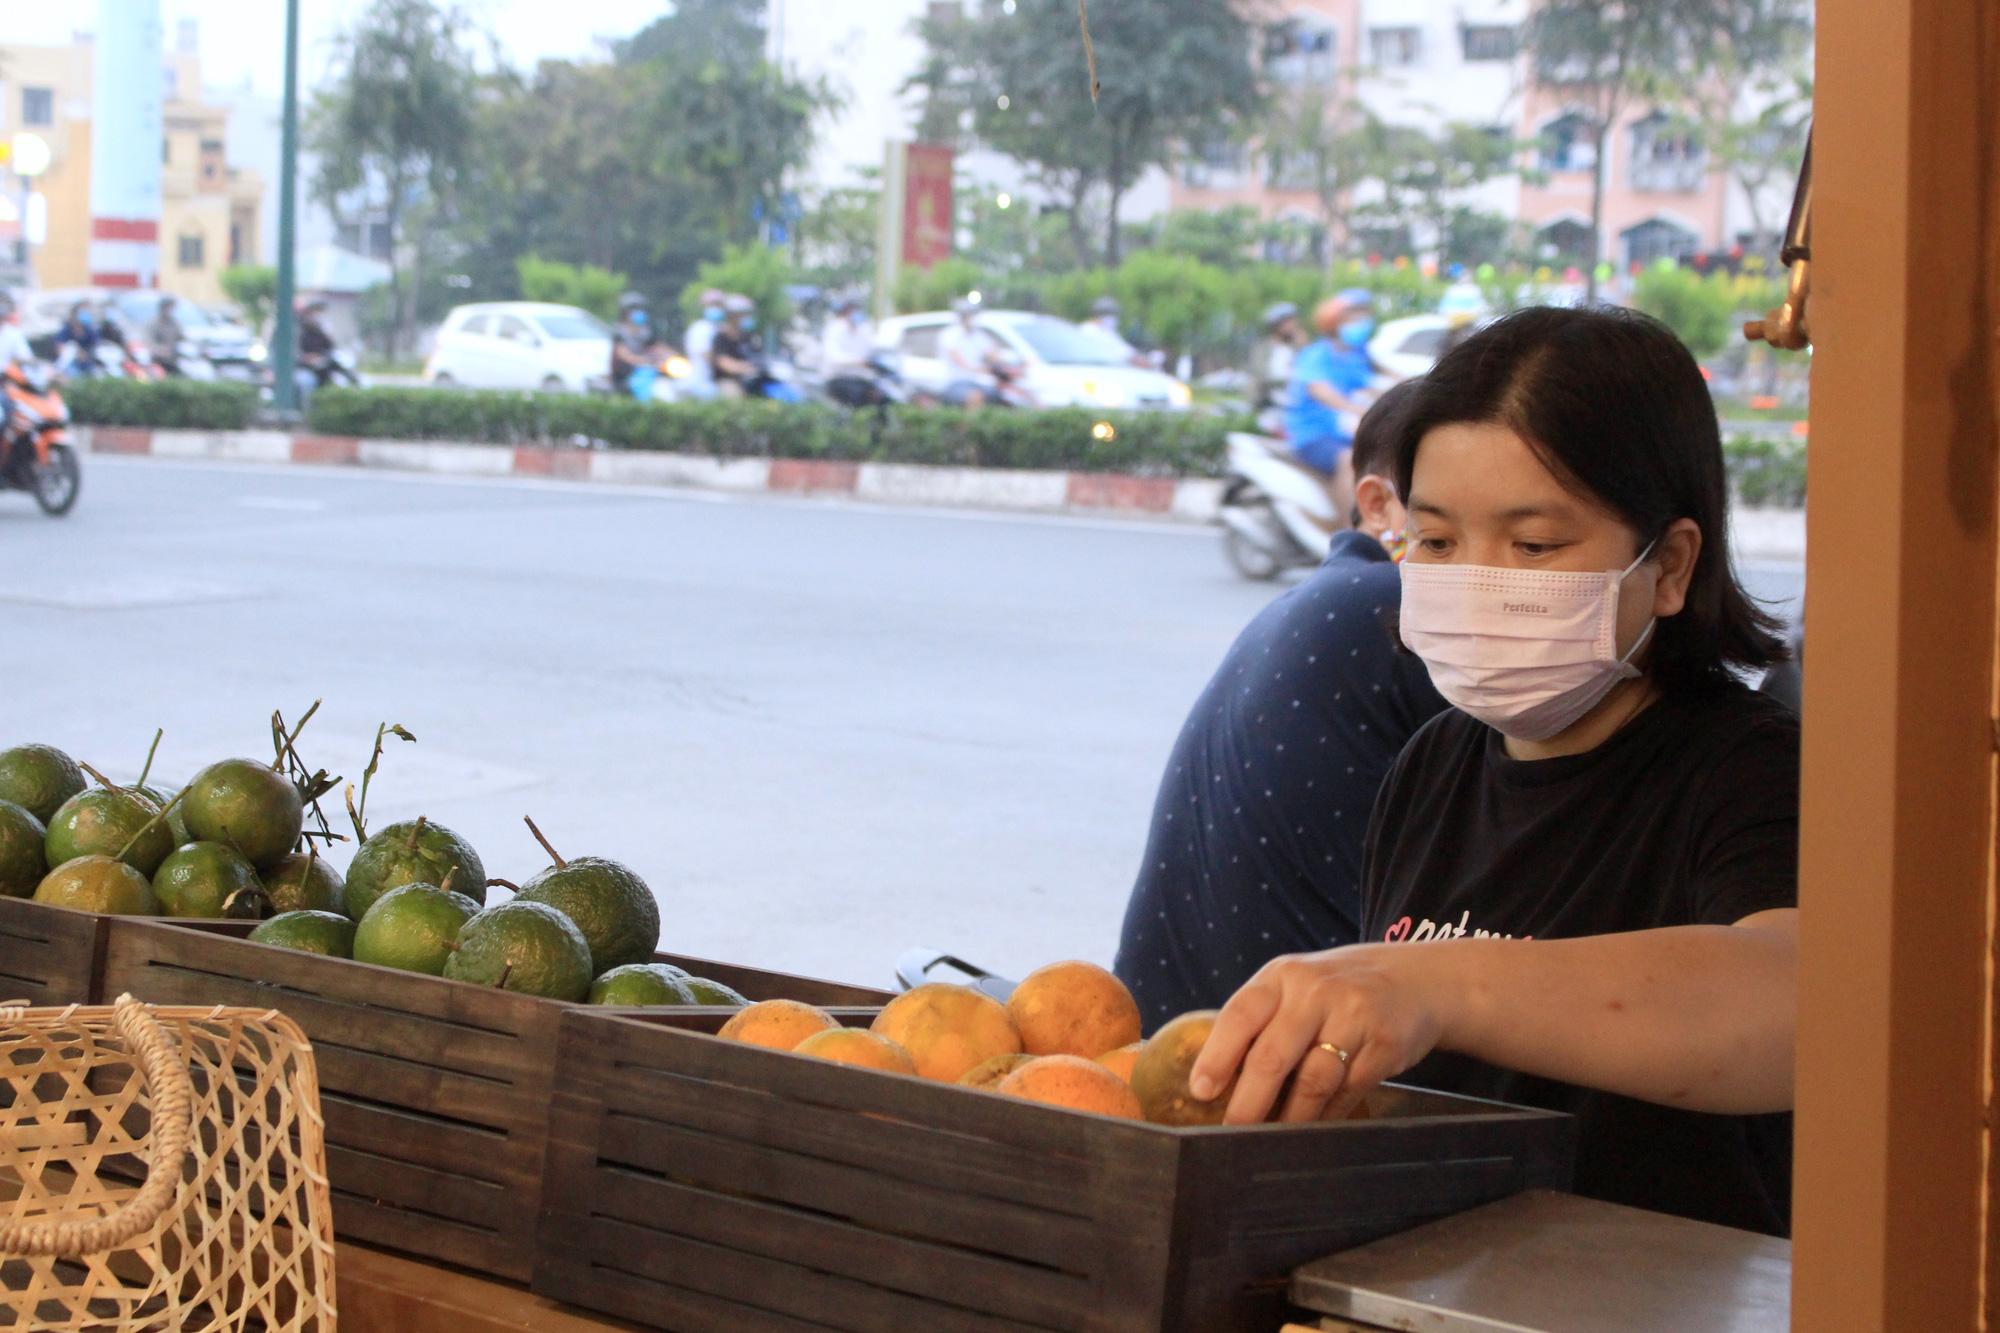 Siêu thị của nông dân đầu tiên ở Sài Gòn có gì, mà vừa mở bán, thanh long, cam canh đã bị mua sạch? - Ảnh 4.